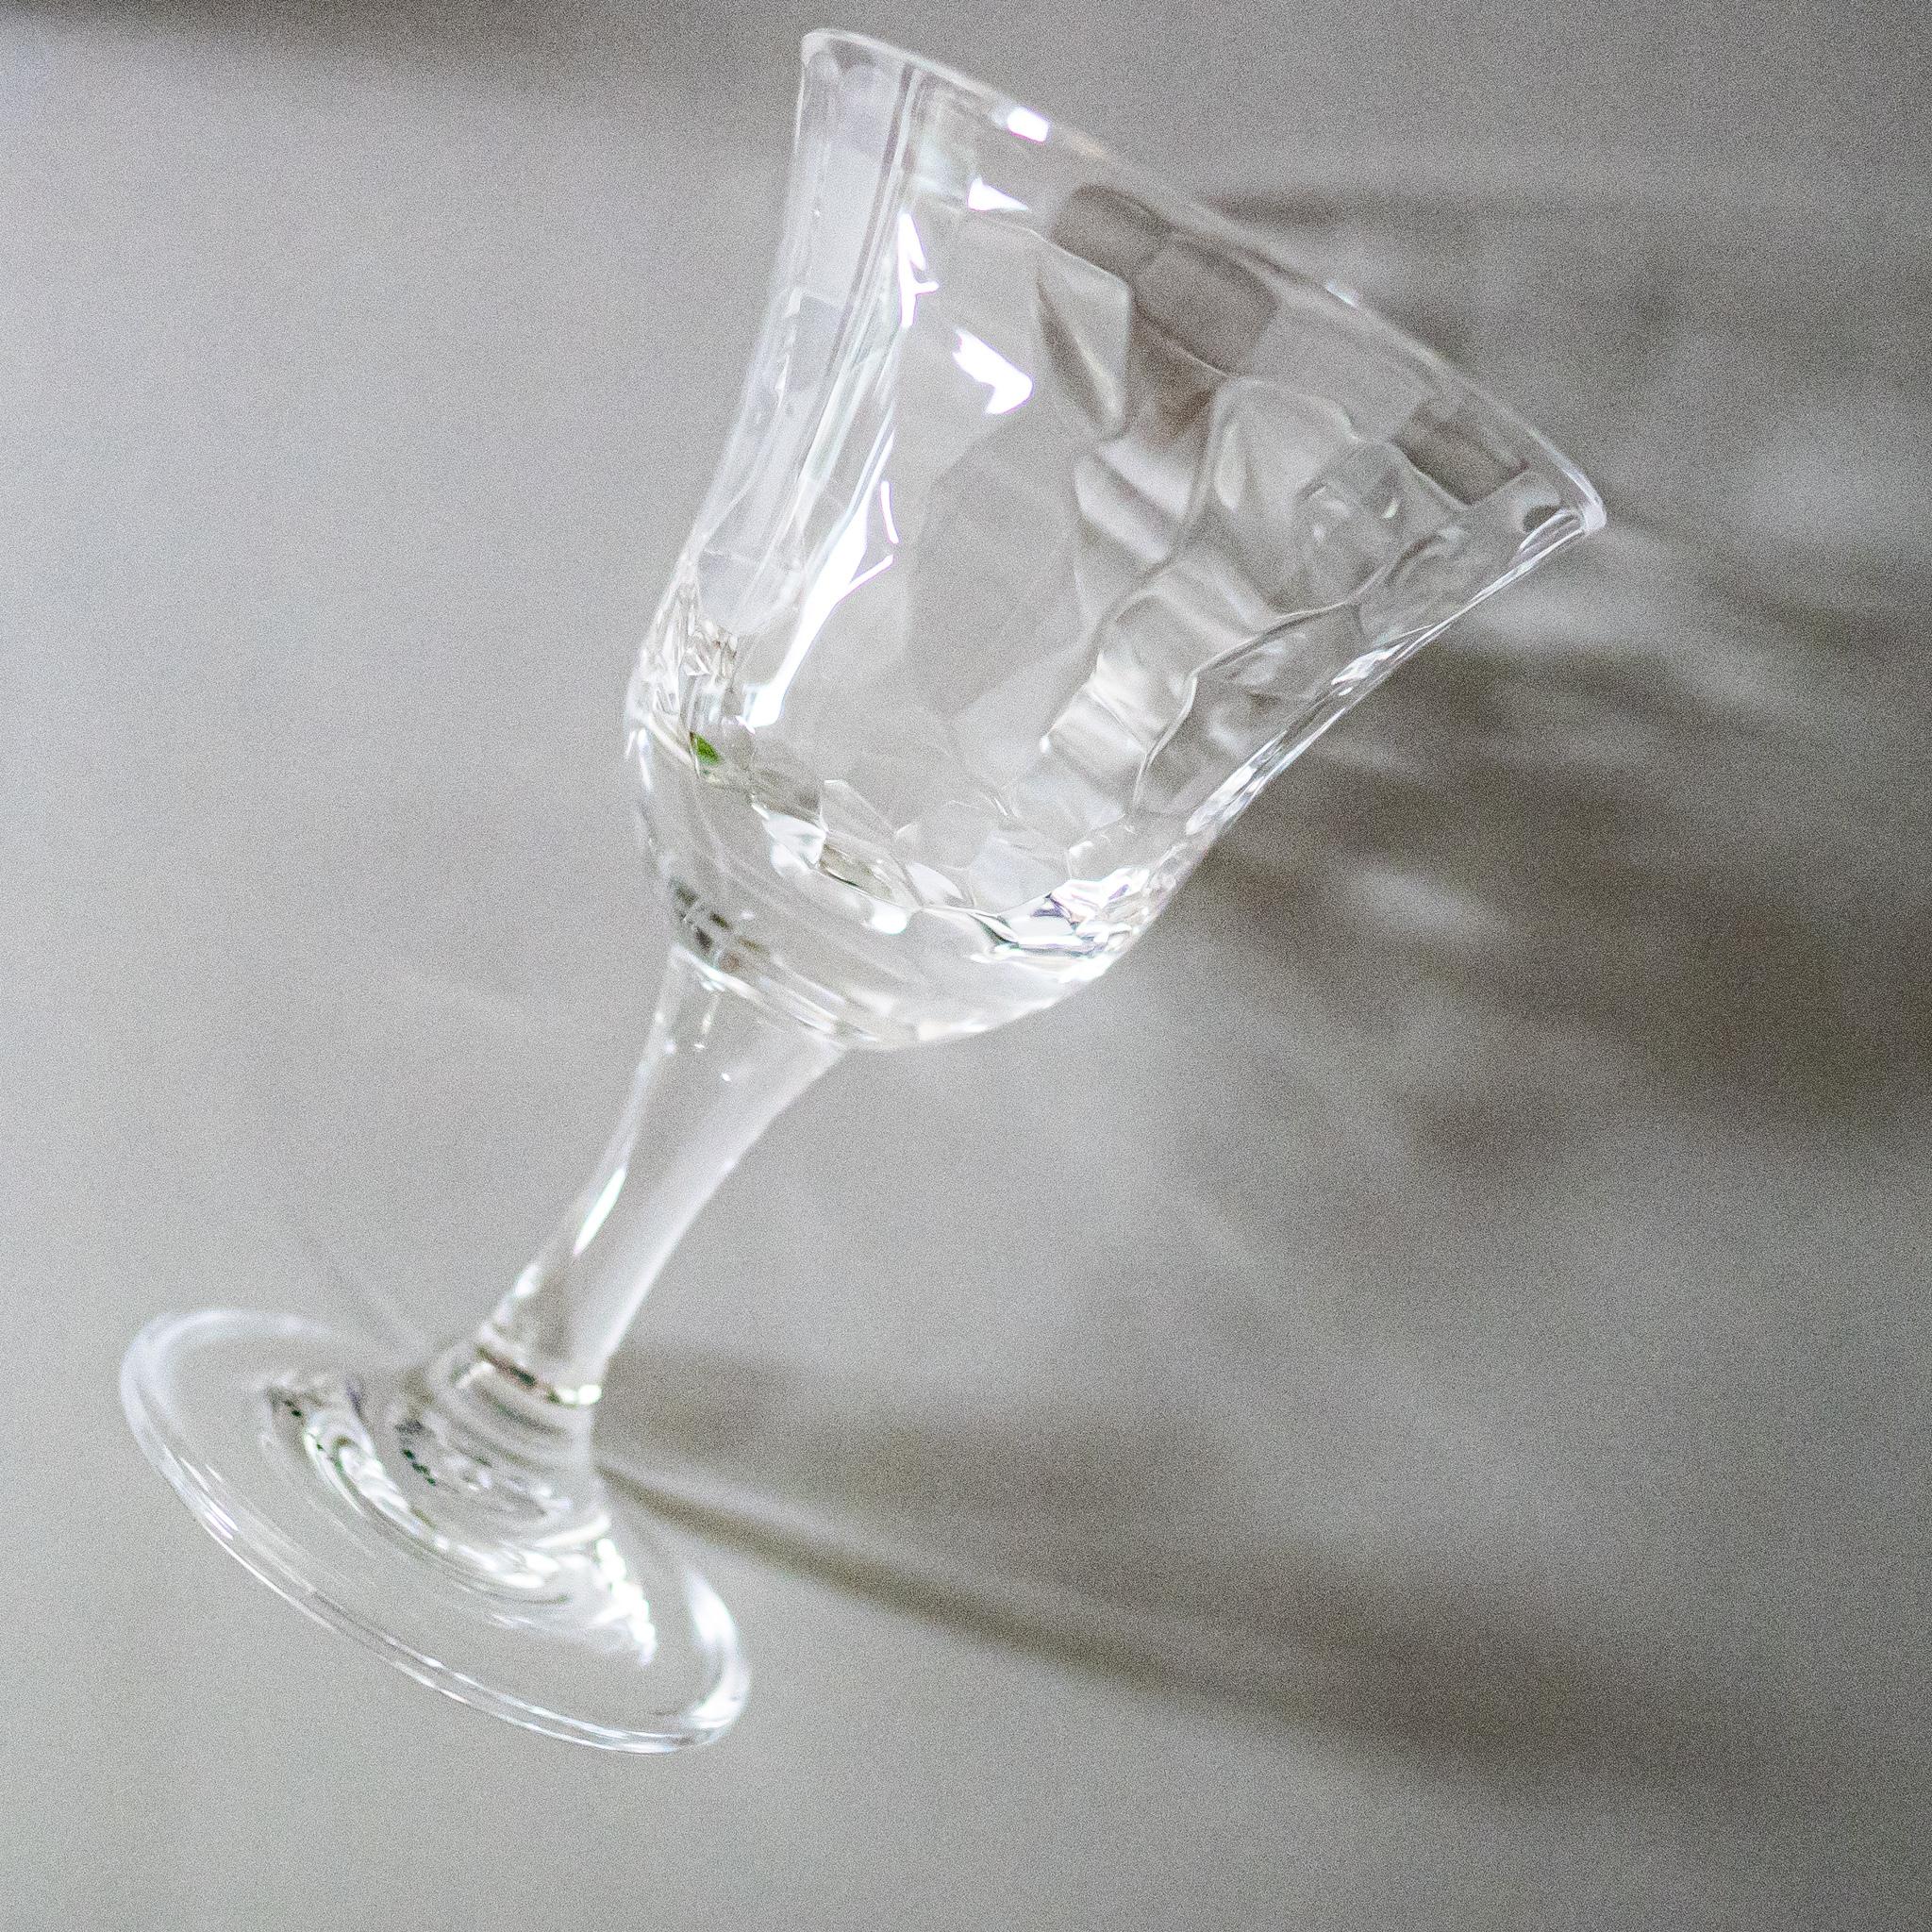 アクリル製 透明ワイングラス( 250ml )